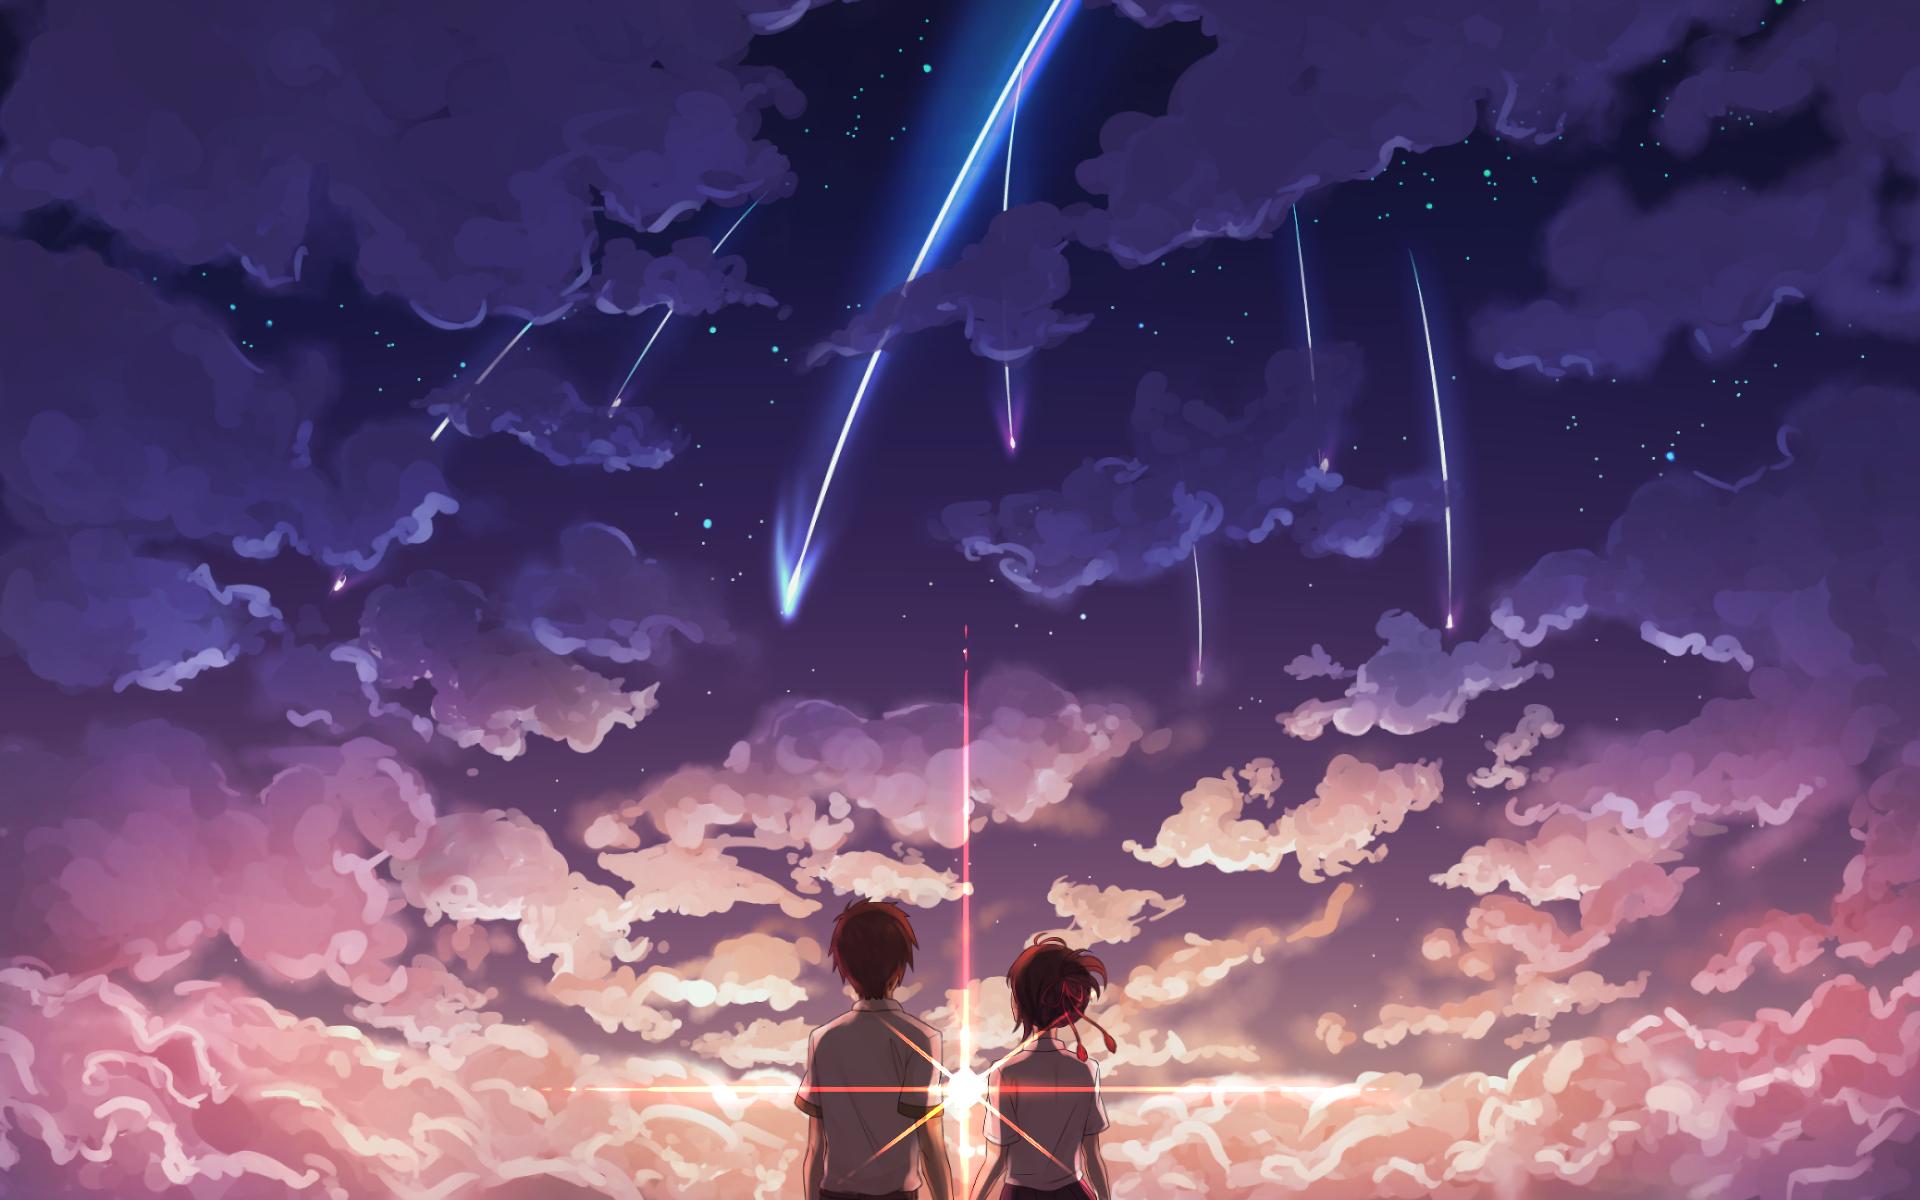 Kimi No Na Wa Scenic Mitsuha X Taki Clouds Kimi No Na Wa Wallpaper Your Name Anime Kimi No Na Wa